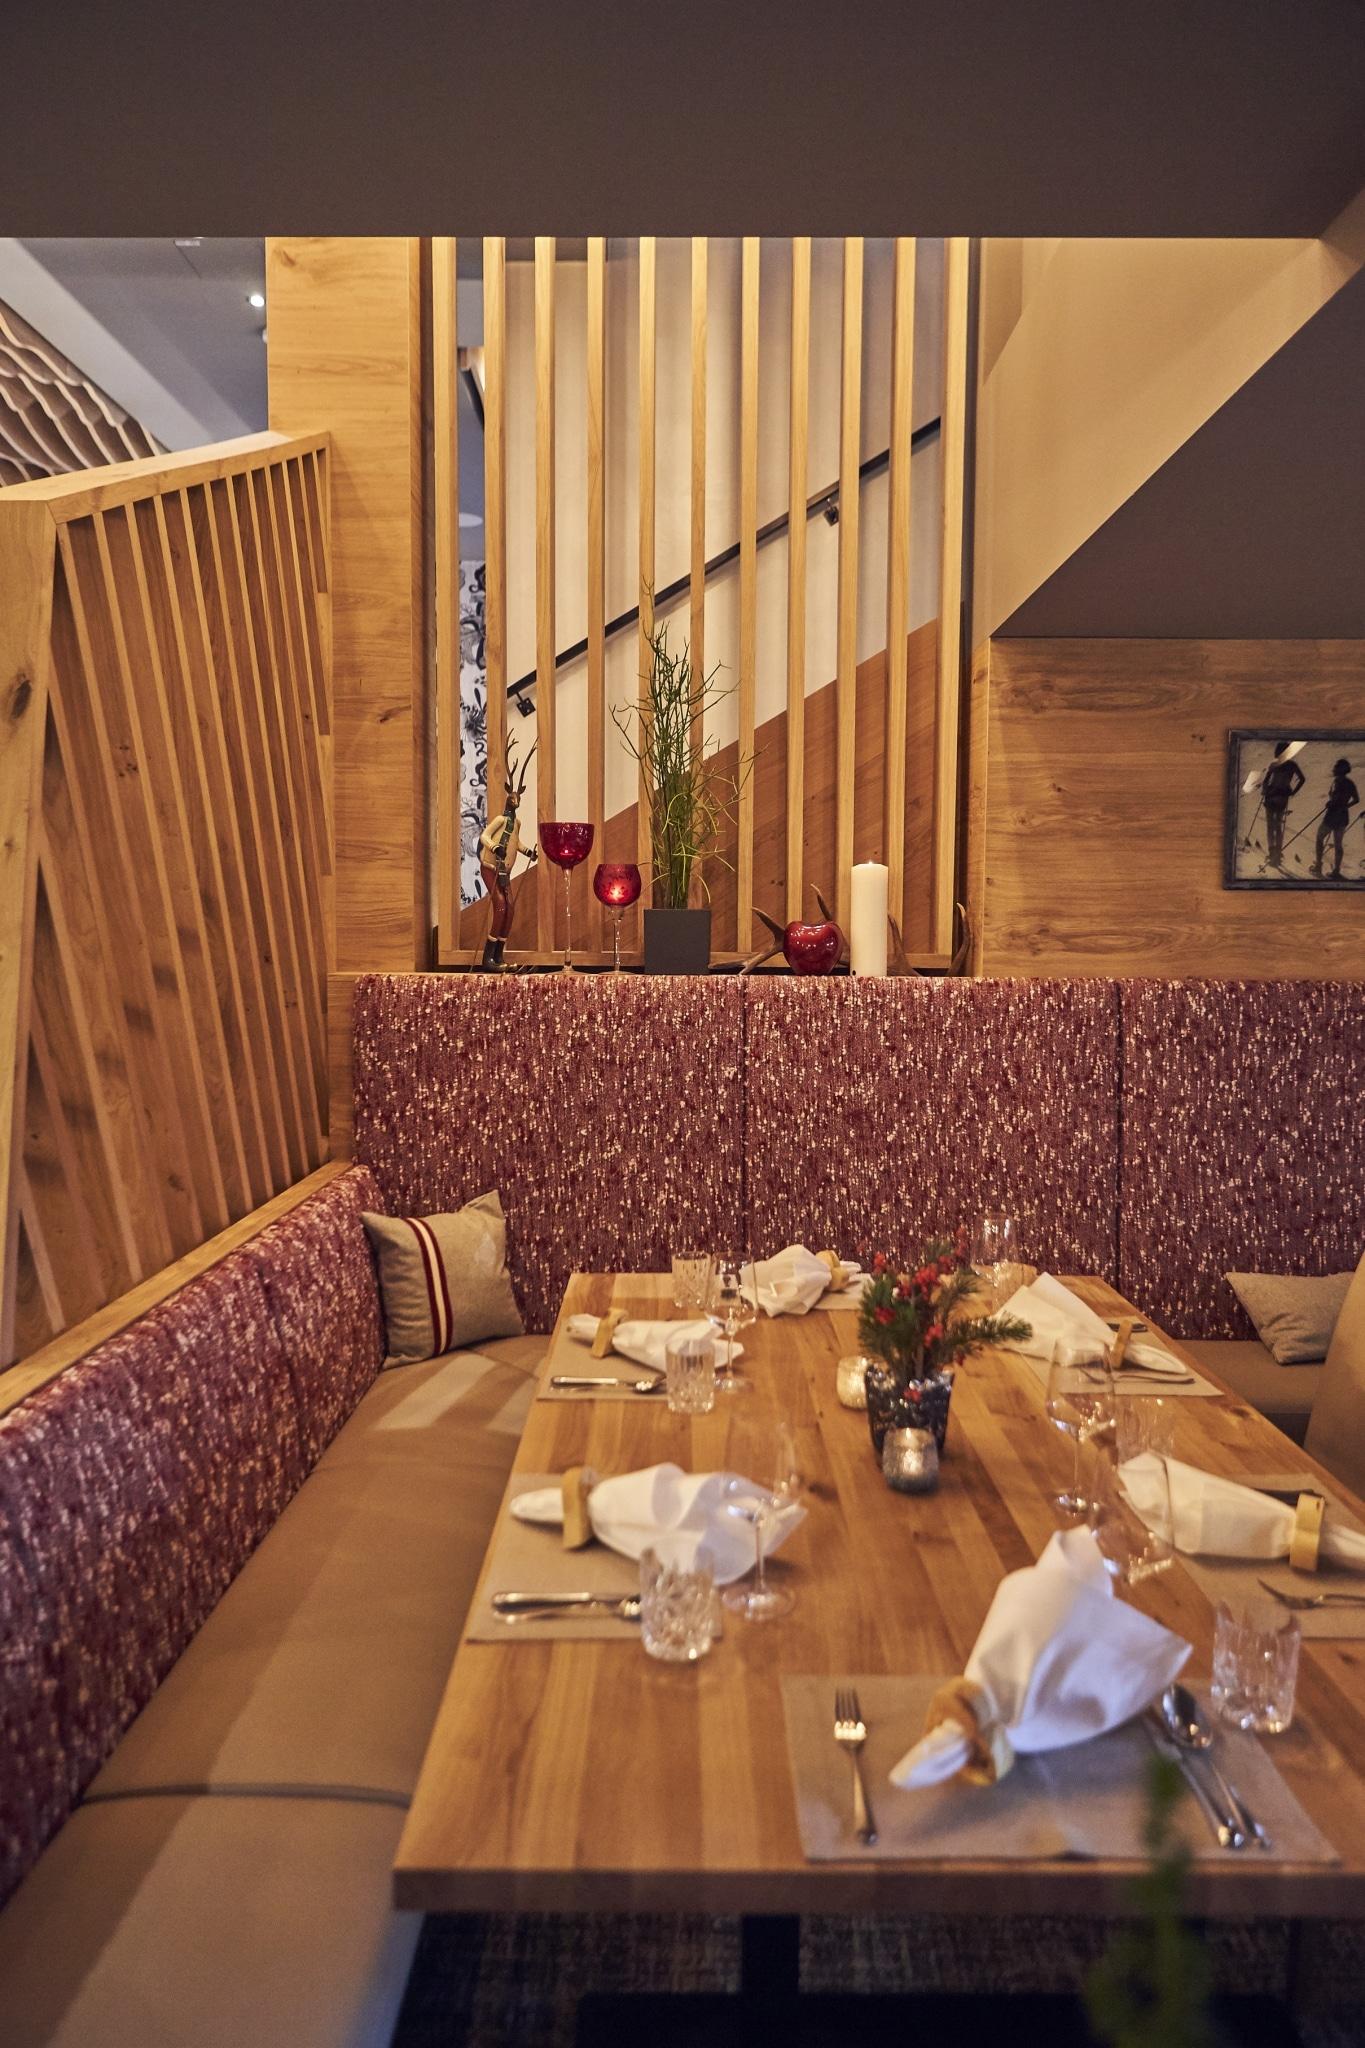 Eine Eckbank im Speisesaal mit rotem Stoff und einem gedecktem Tisch davor